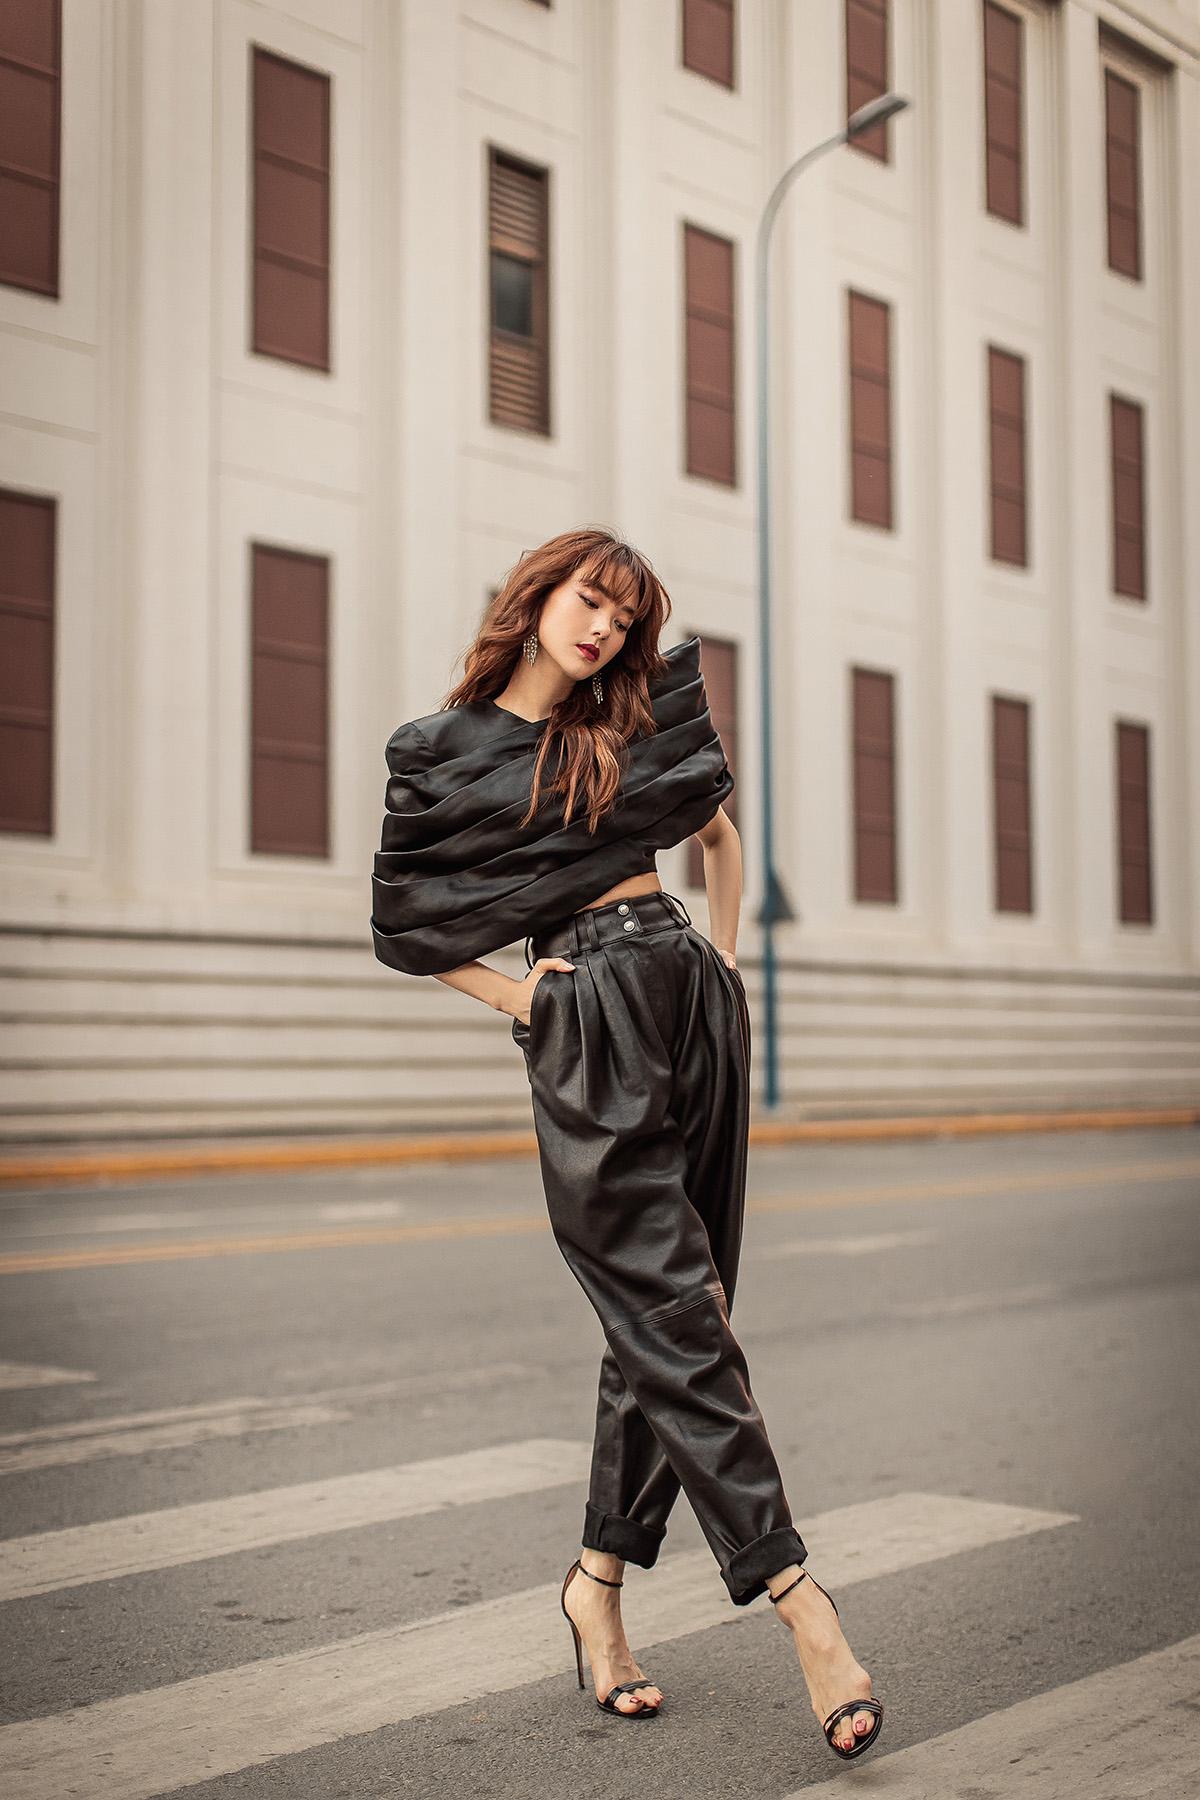 Nữ diễn viên khoe vòng hai thon gọn trong bộ cánh màu đen, phối quần cạp cao, ống rộng cùng chiếc áo được thiết kế theo cấu trúc phân tầng lạ mắt.